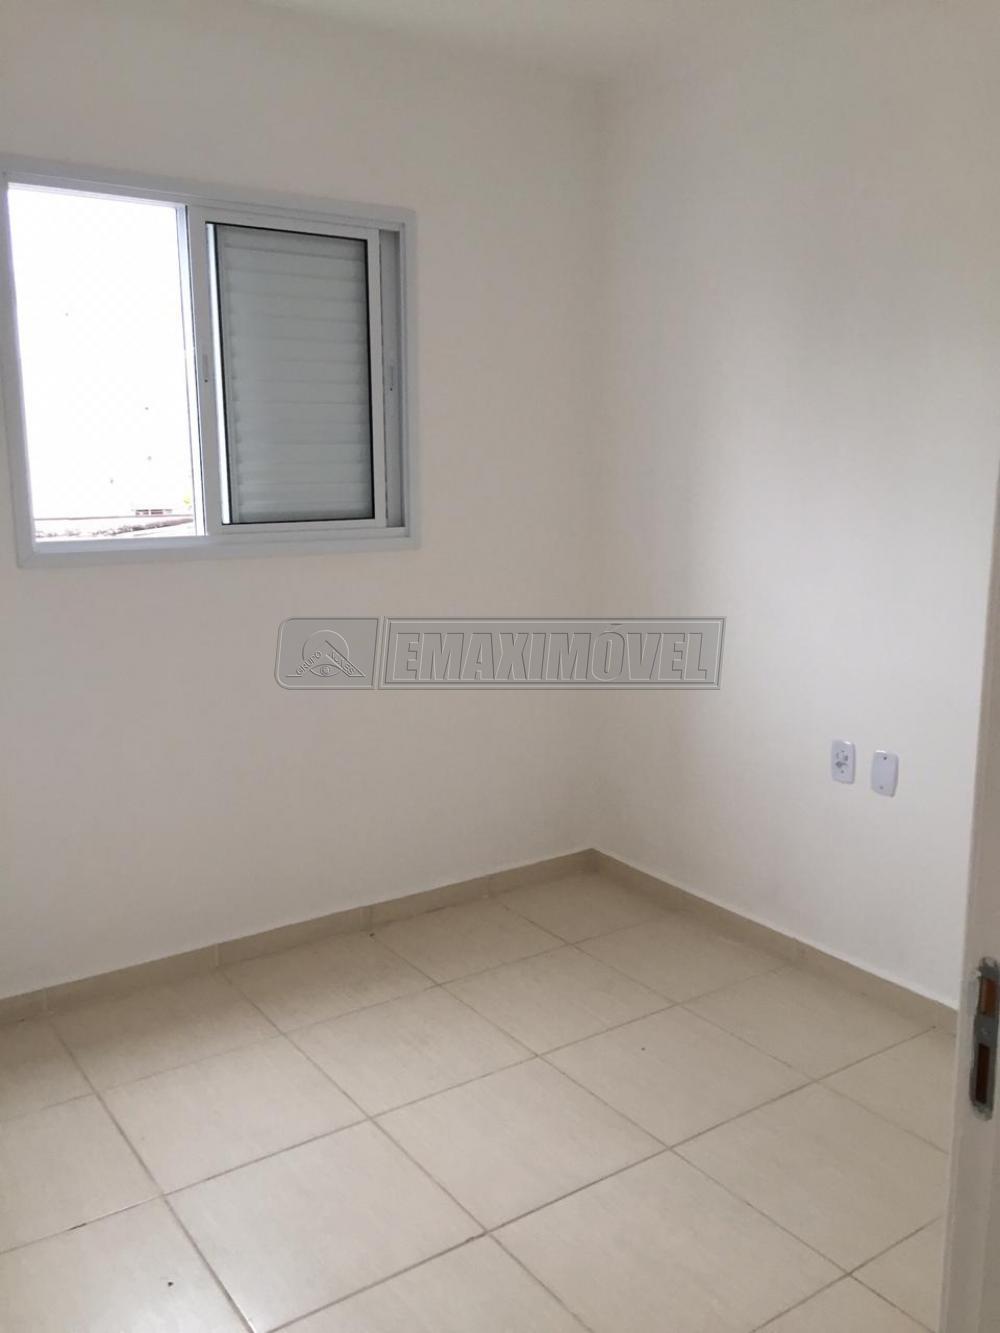 Alugar Apartamentos / Apto Padrão em Sorocaba apenas R$ 1.400,00 - Foto 6